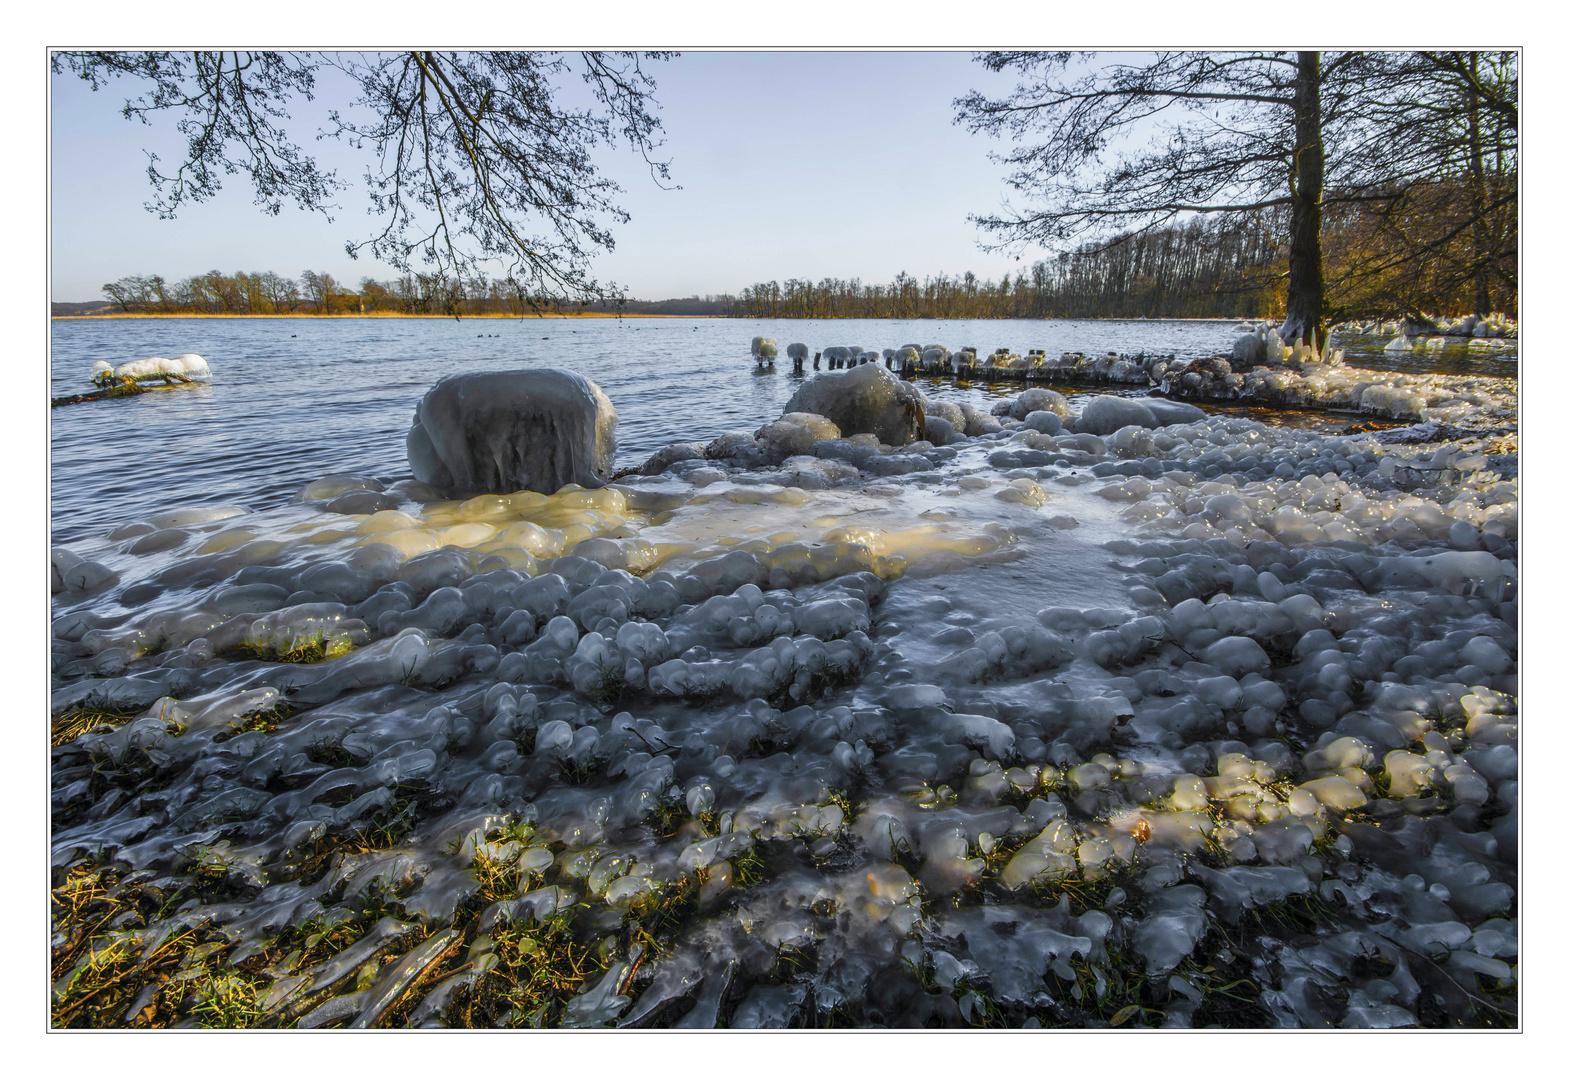 Spritzwasser in Eis